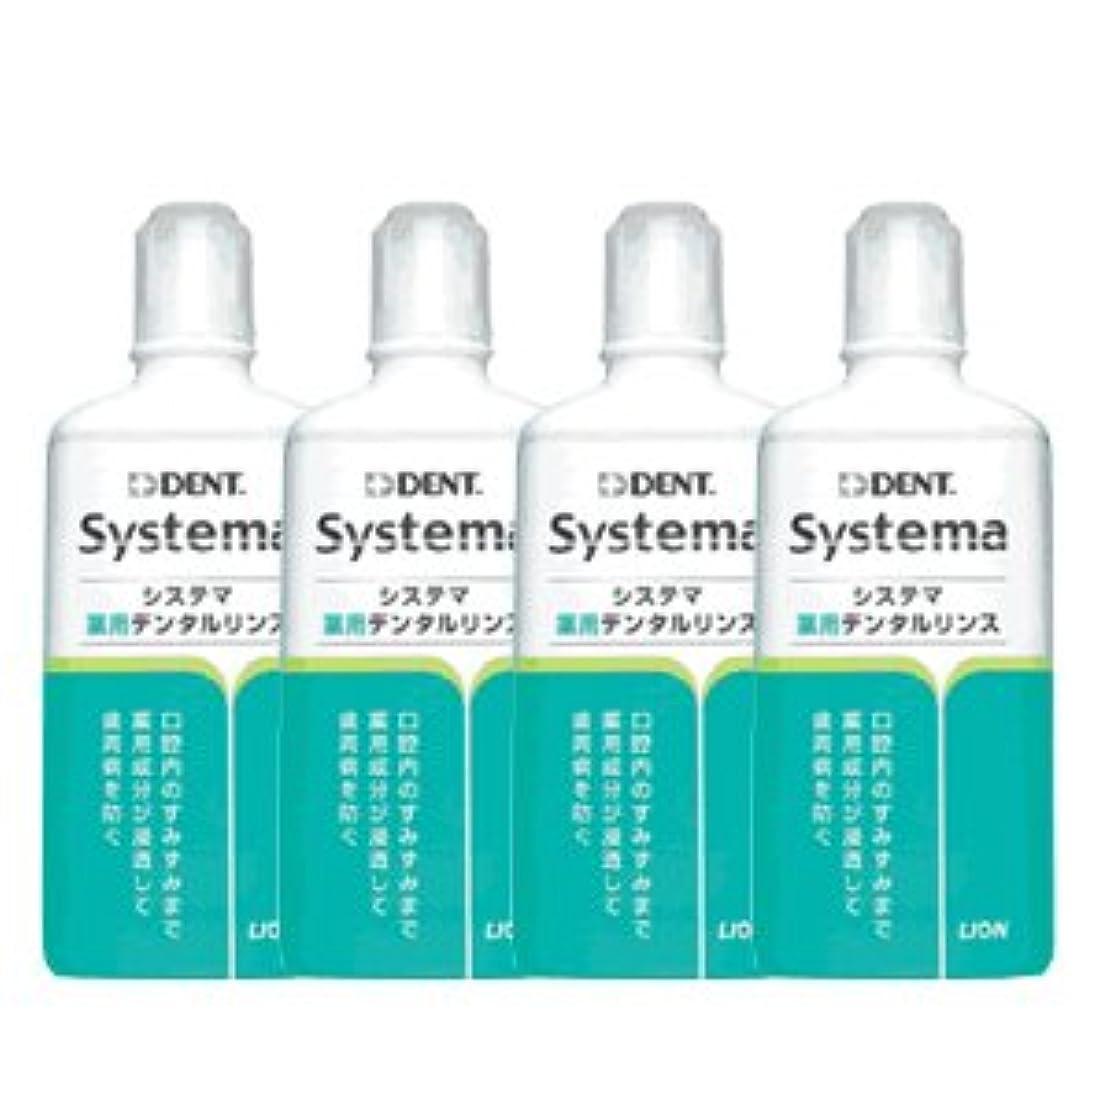 失う三角好きであるライオン システマ 薬用 デンタルリンス 450ml レギュラータイプ 4本セット 医薬部外品